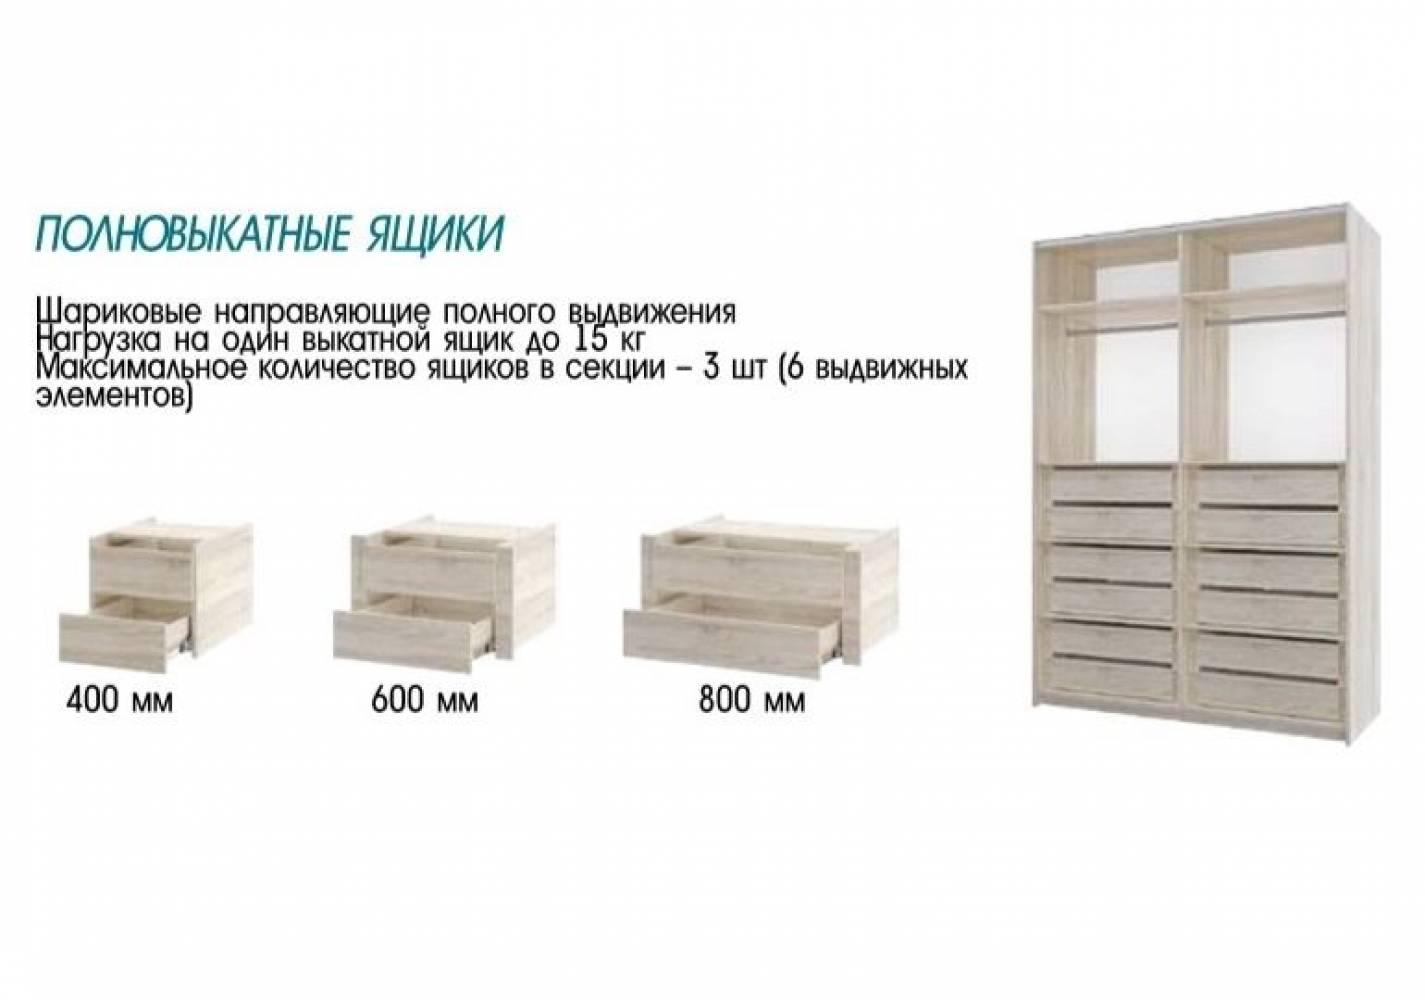 Шкаф Фортуна-13 (2400) 600/600/600/600